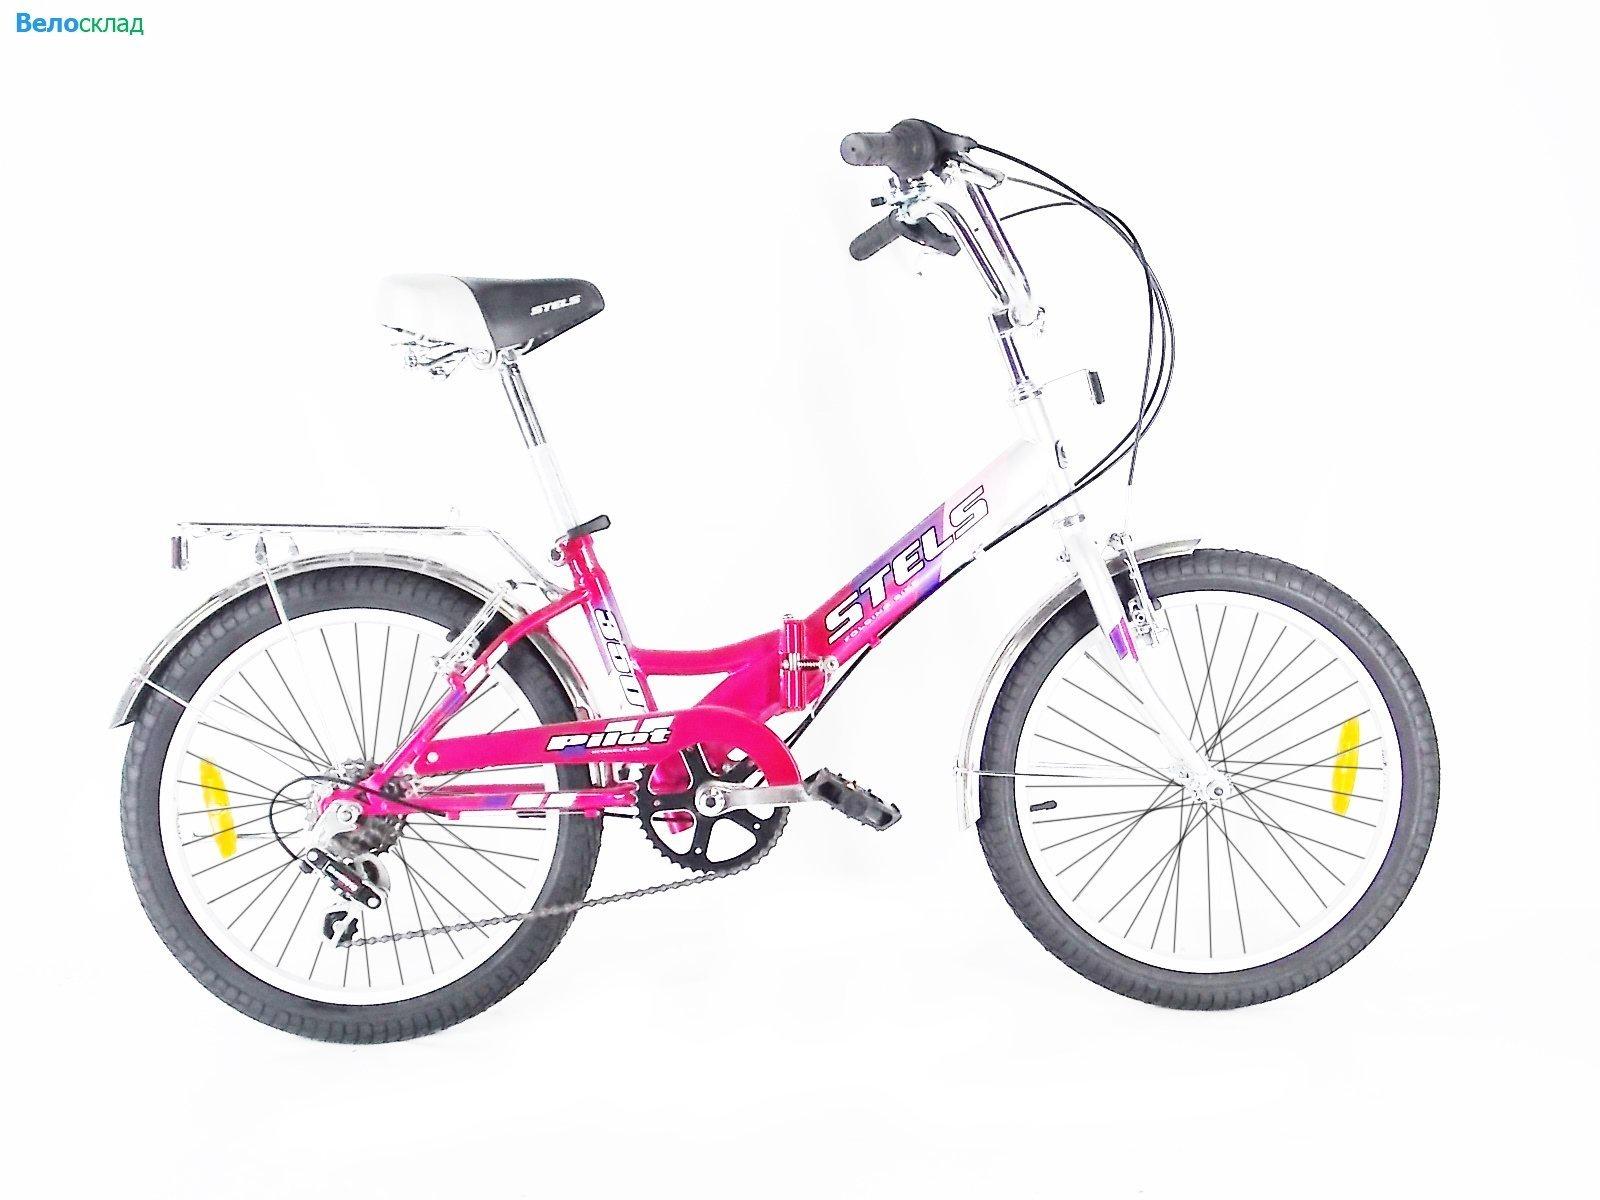 Фото - Велосипед Stels Pilot-350, розовый, серебристый stels pilot 750 24 16